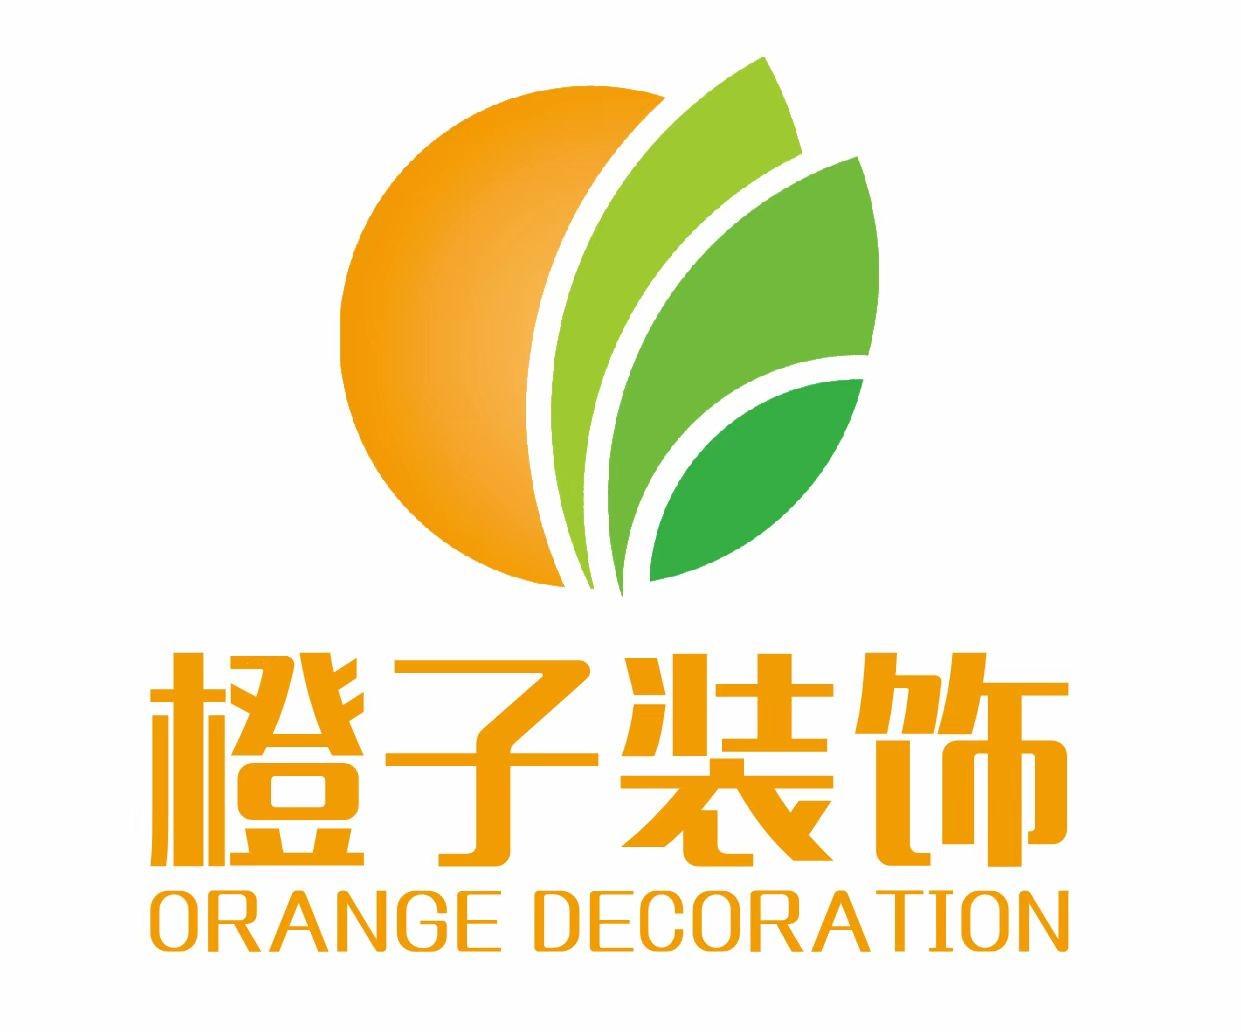 嵊州市橙子装饰设计工程有限公司